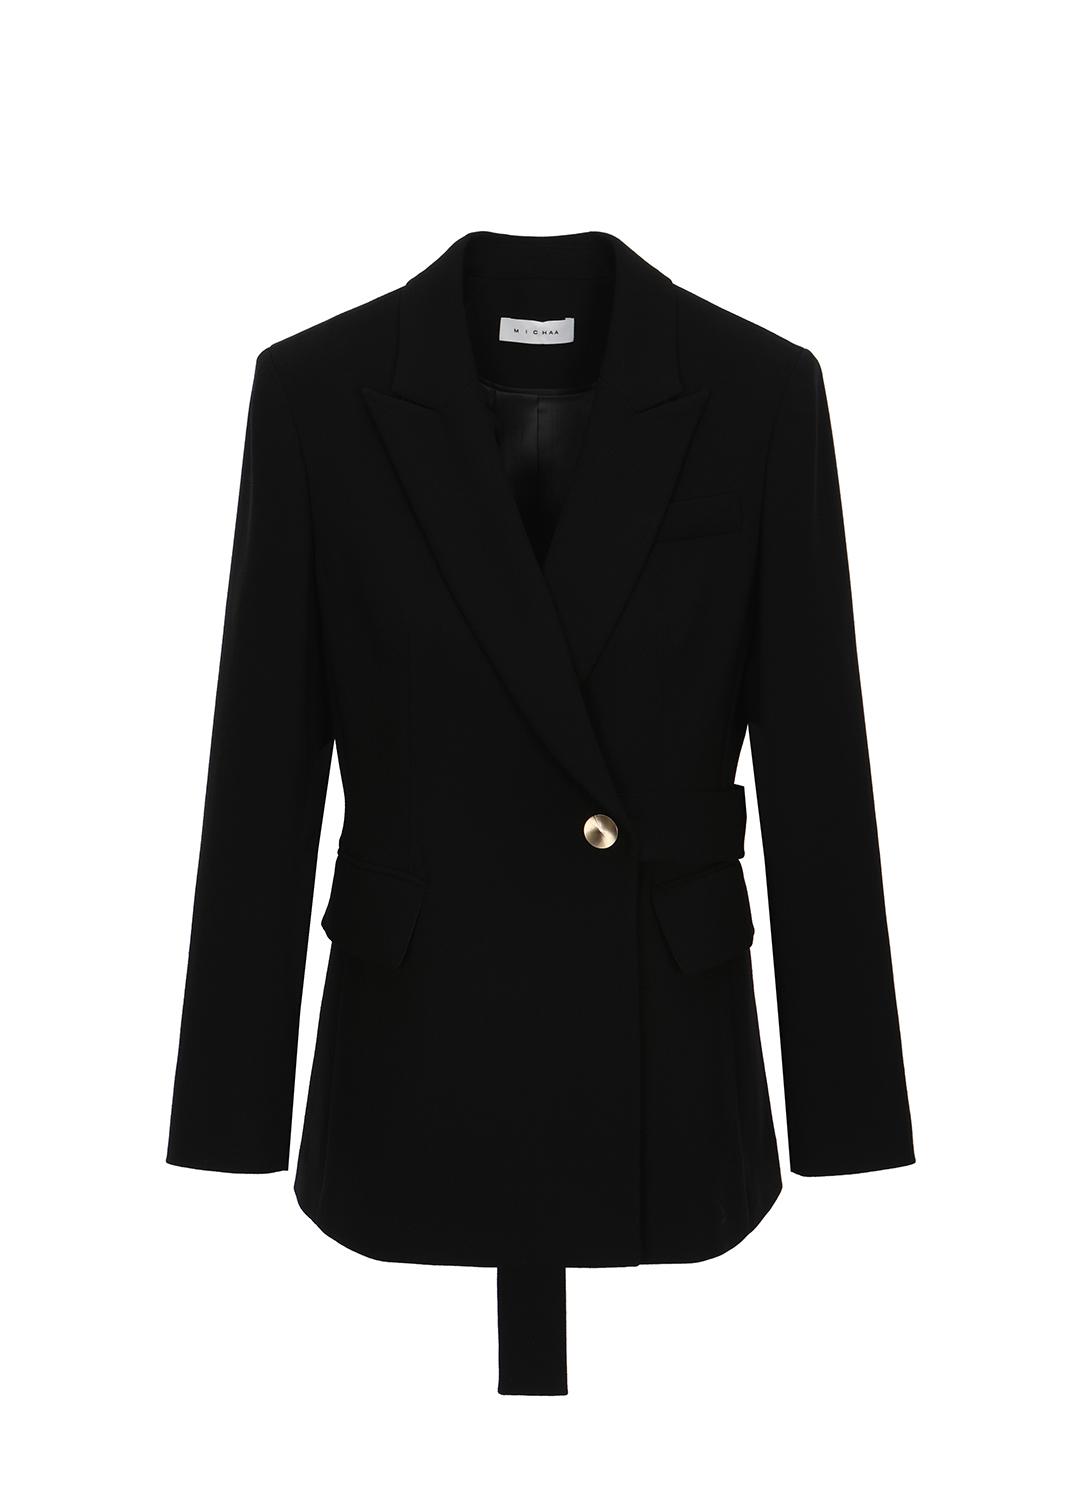 울 혼방 벨트 포인트 슬림핏 자켓